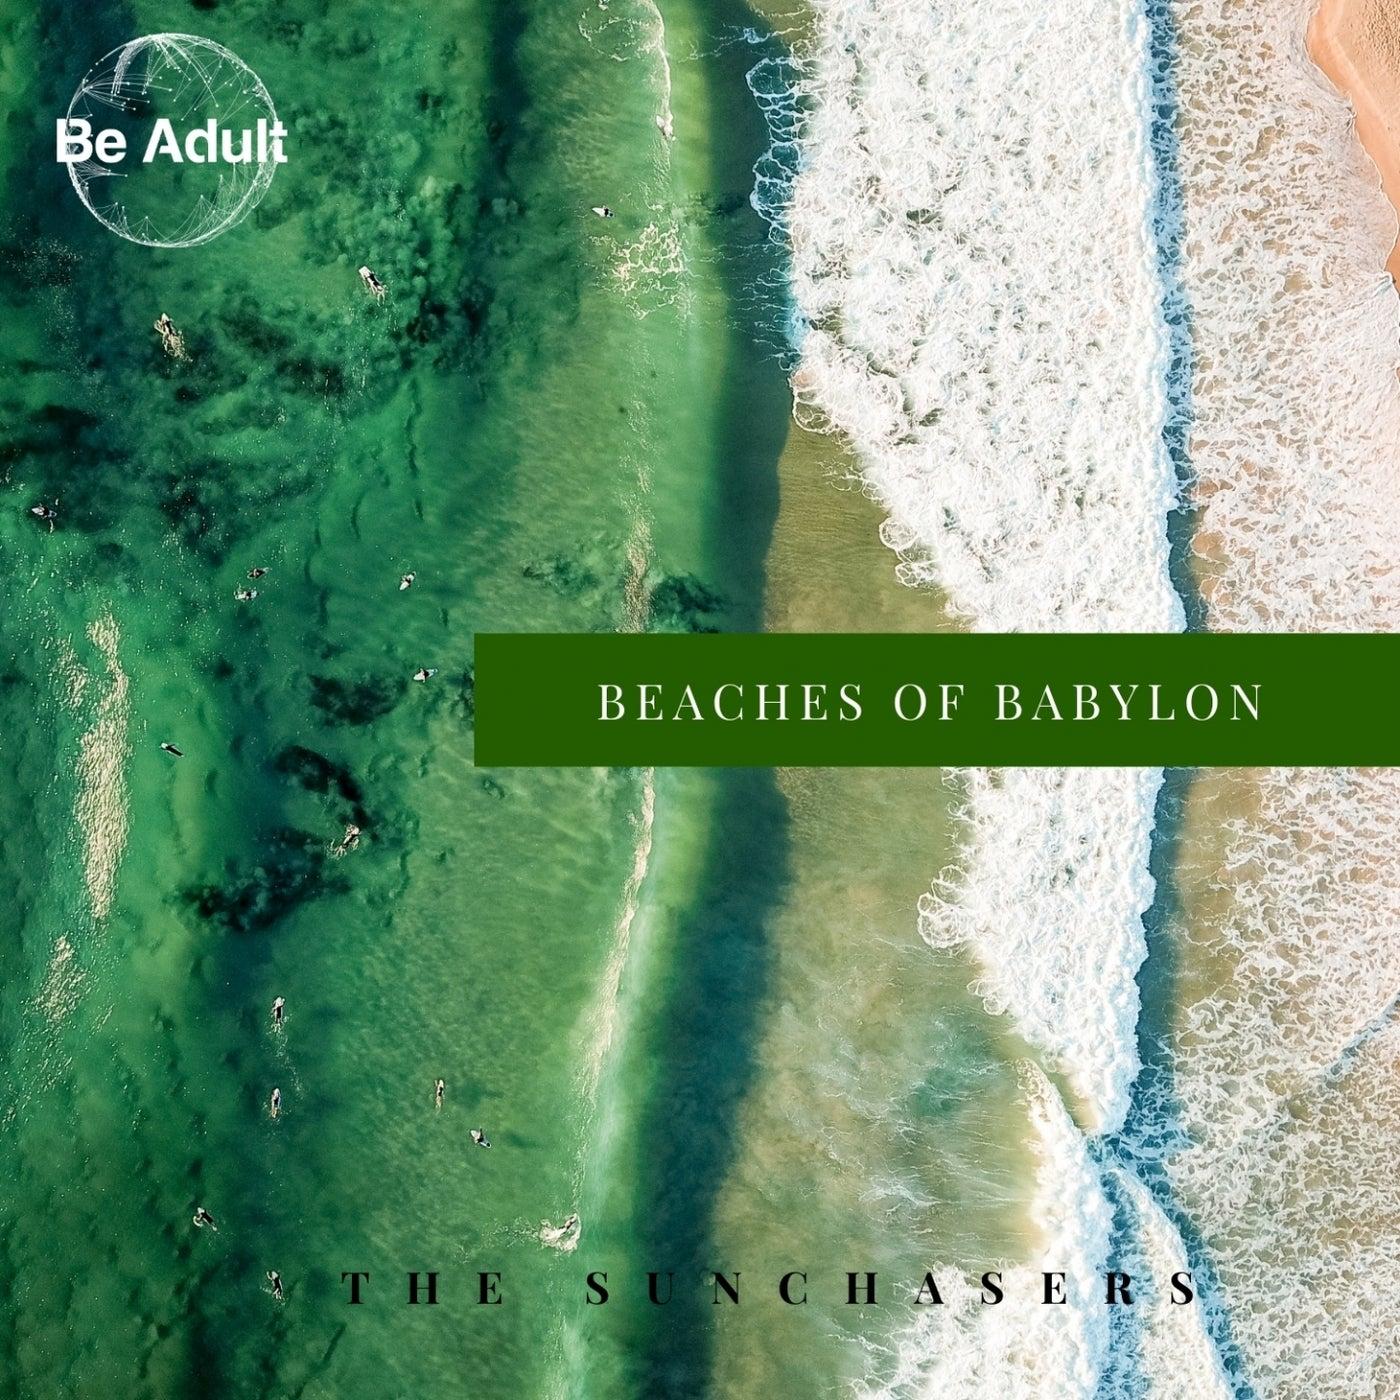 Download Beaches of Babylon on Electrobuzz